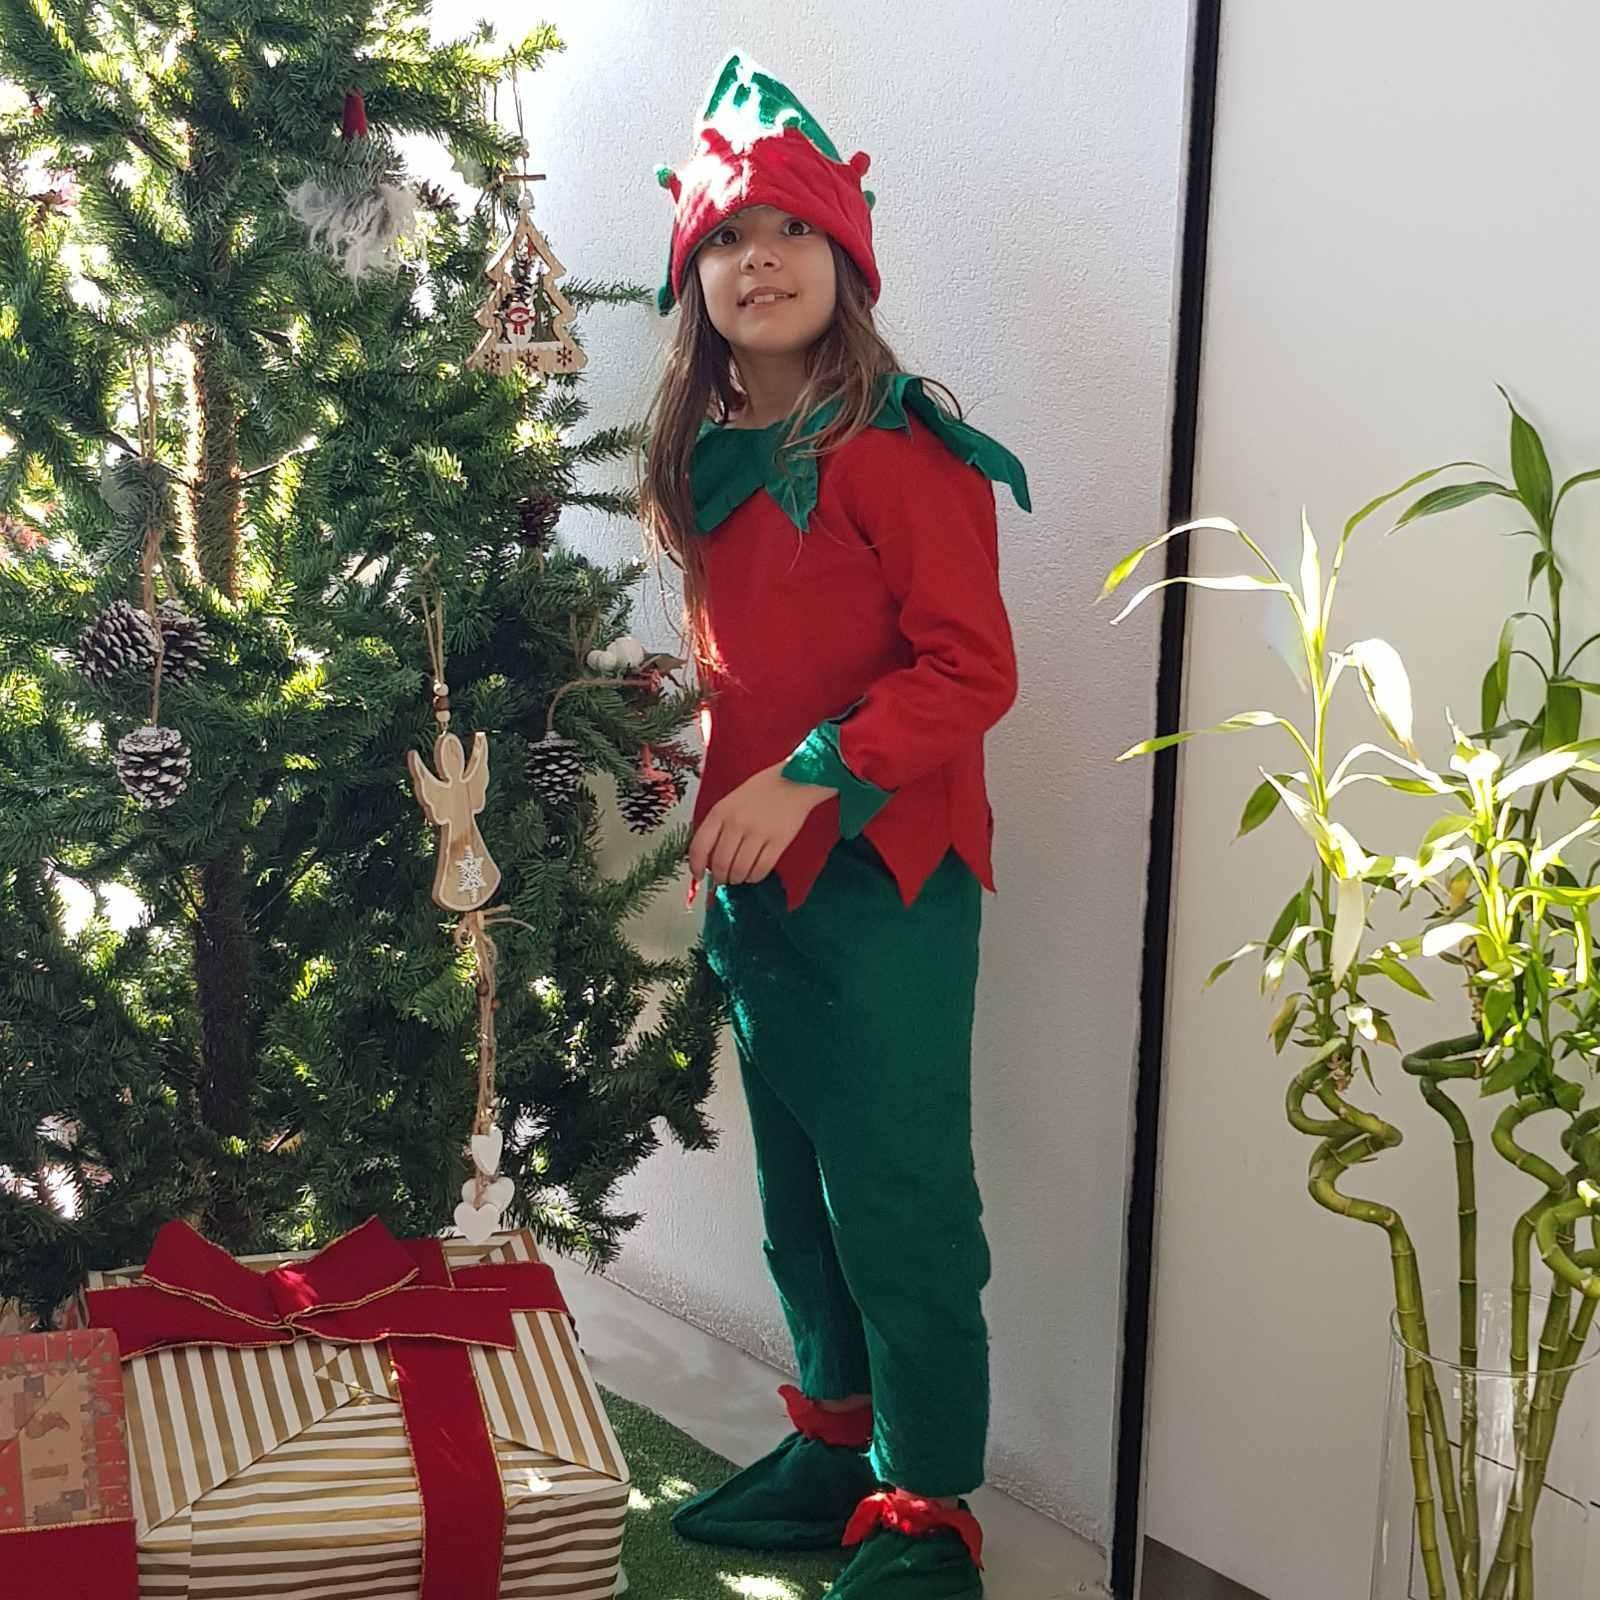 Χριστουγεννιάτικες δραστηριότητες για παιδιά!